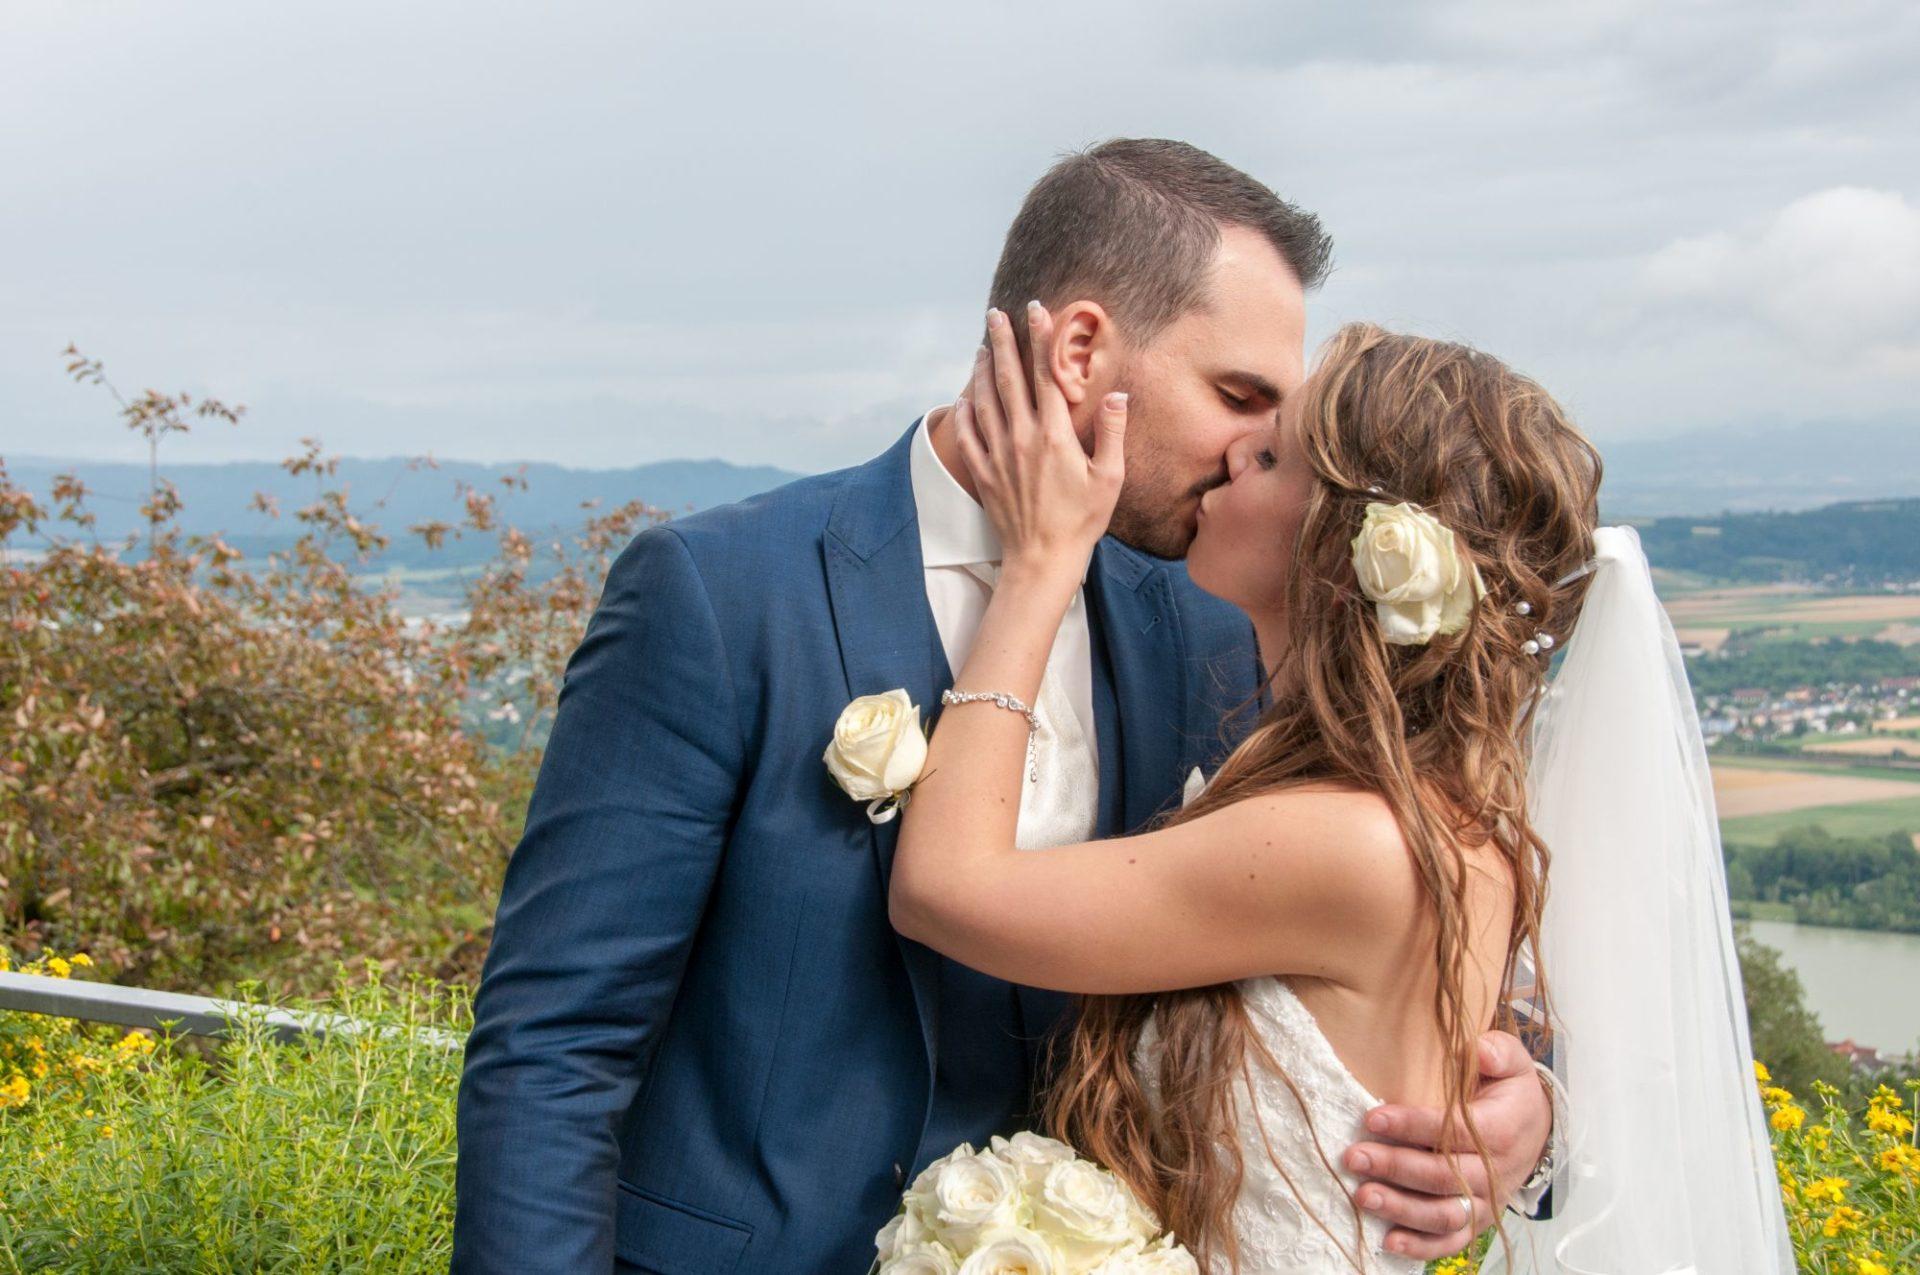 romantischer Brautkuss